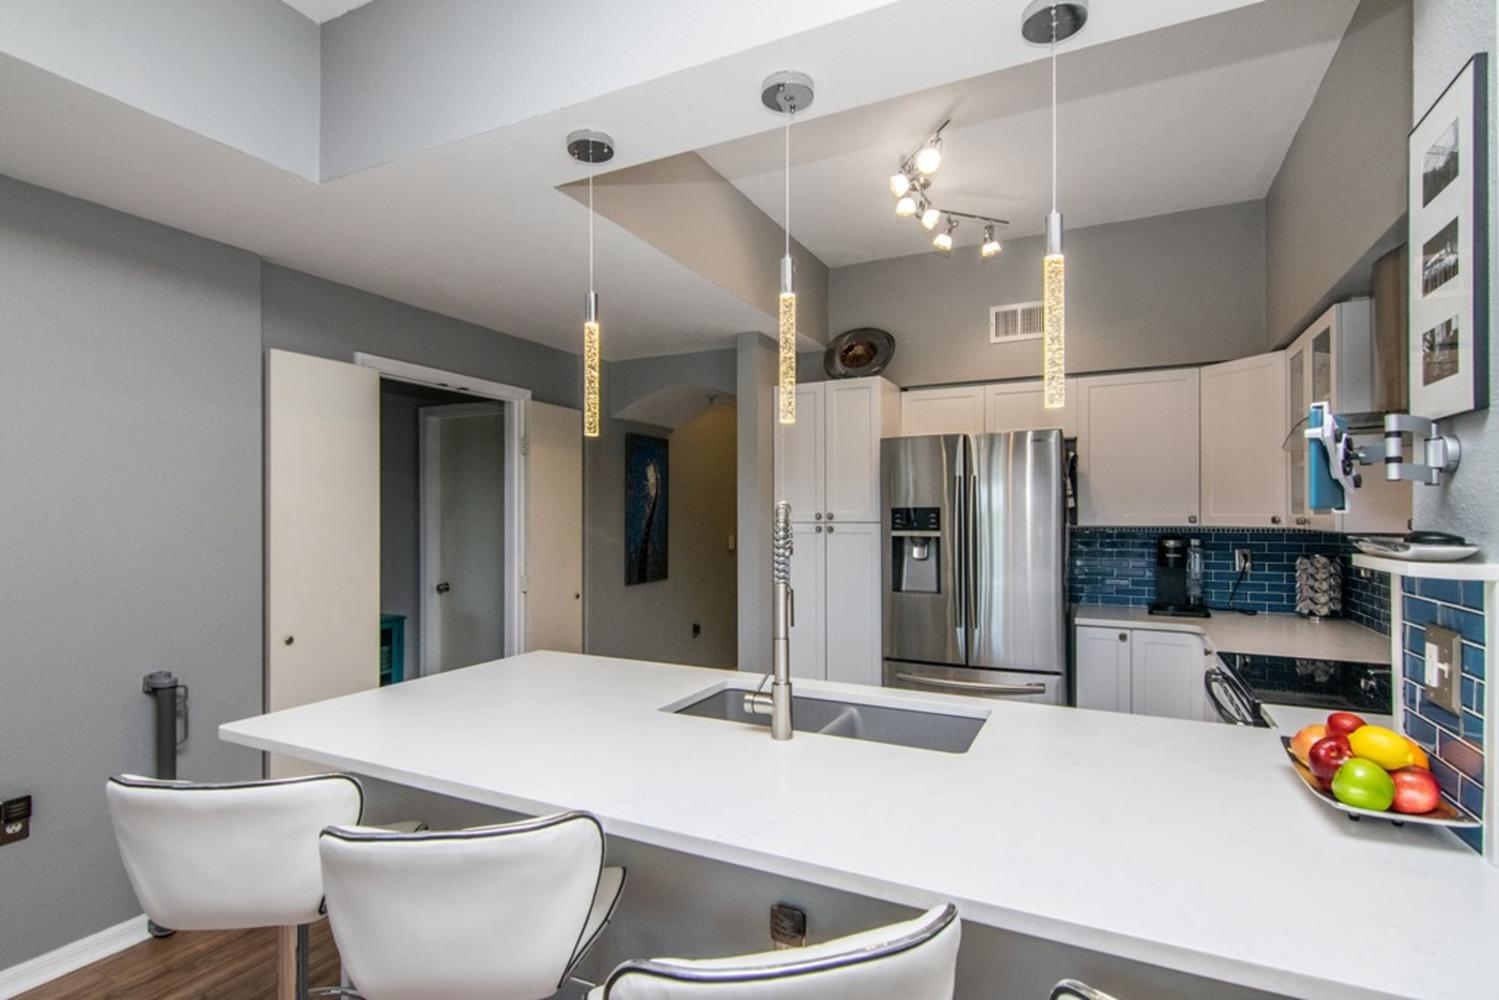 11 kitchen